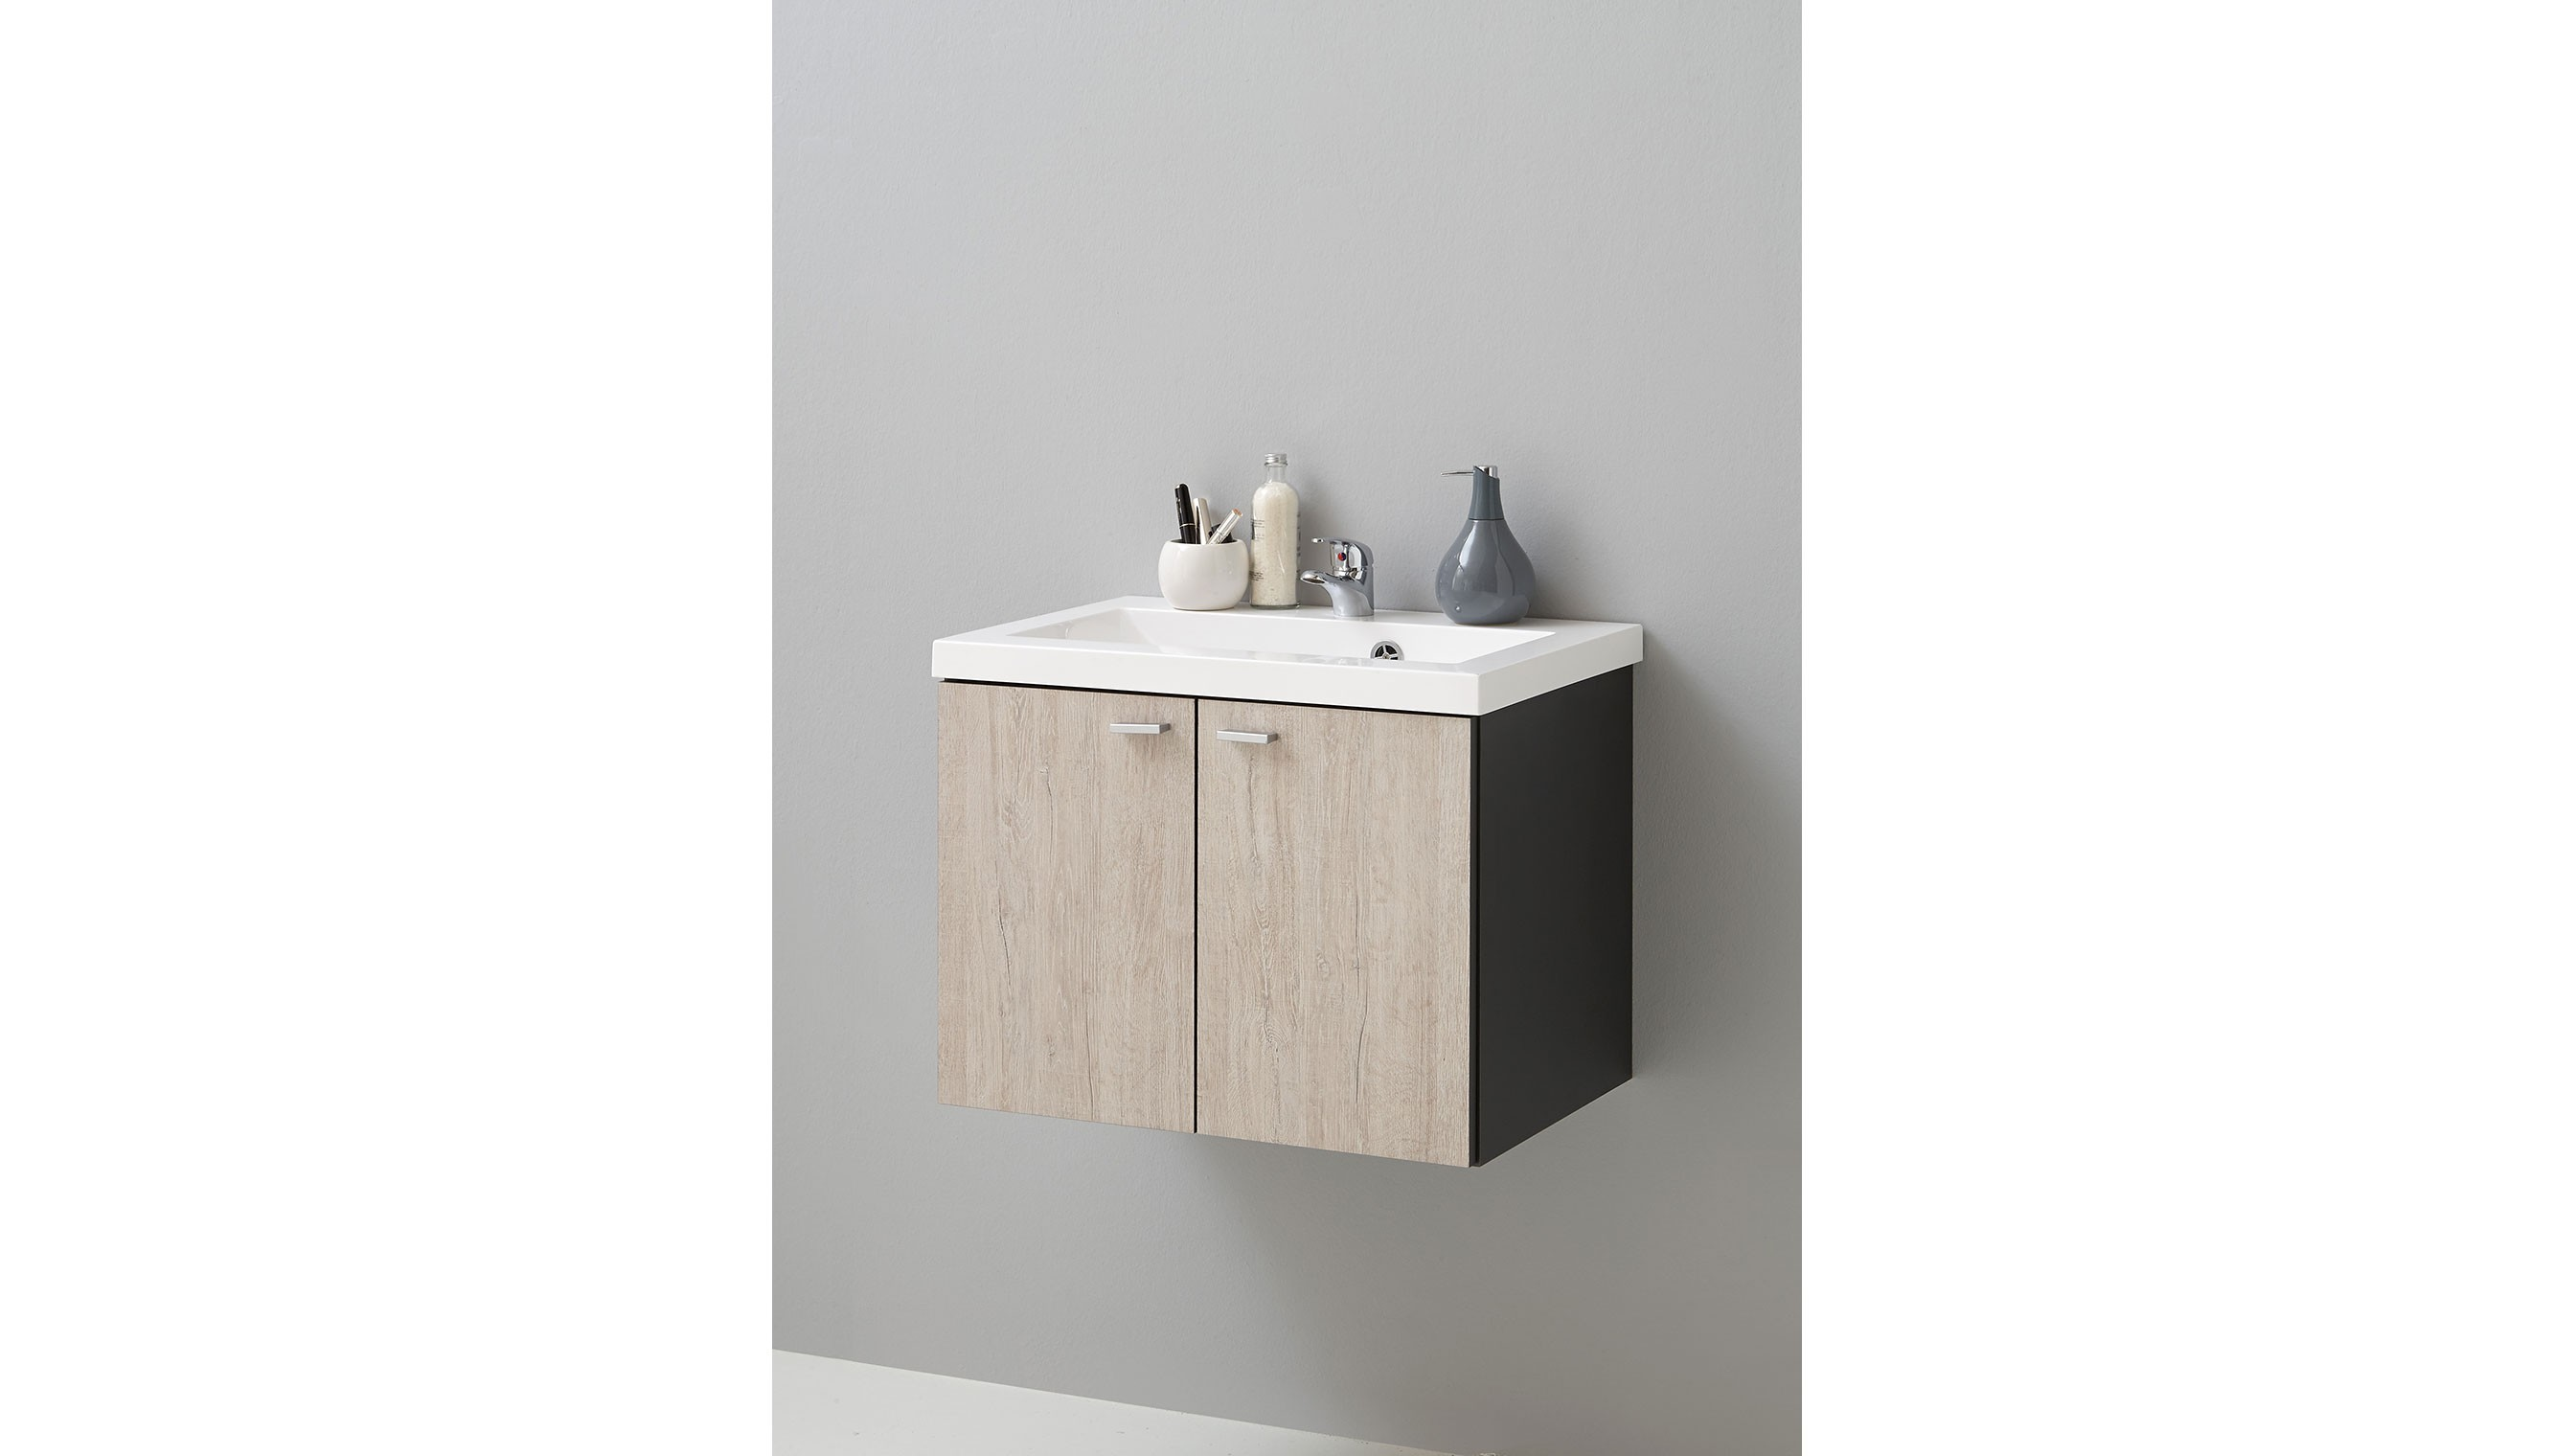 Waschbeckenunterschrank Sandeiche - Spilger´s Sparmaxx